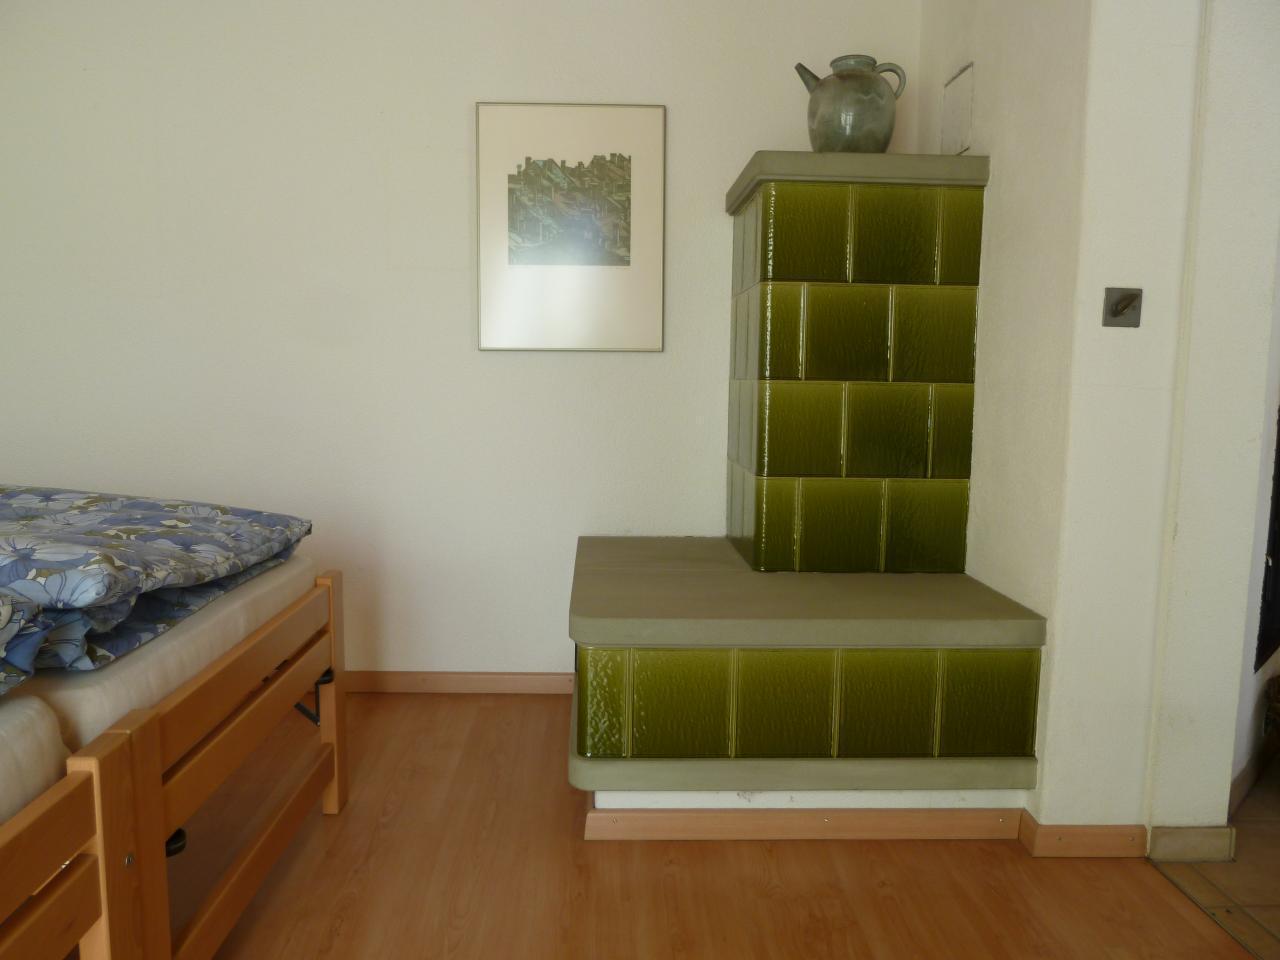 Appartement de vacances 2-Zimmer Wohnung im Ferienparadies Kandertal (2385249), Kandergrund, Adelboden - Frutigen - Kandersteg, Oberland bernois, Suisse, image 12